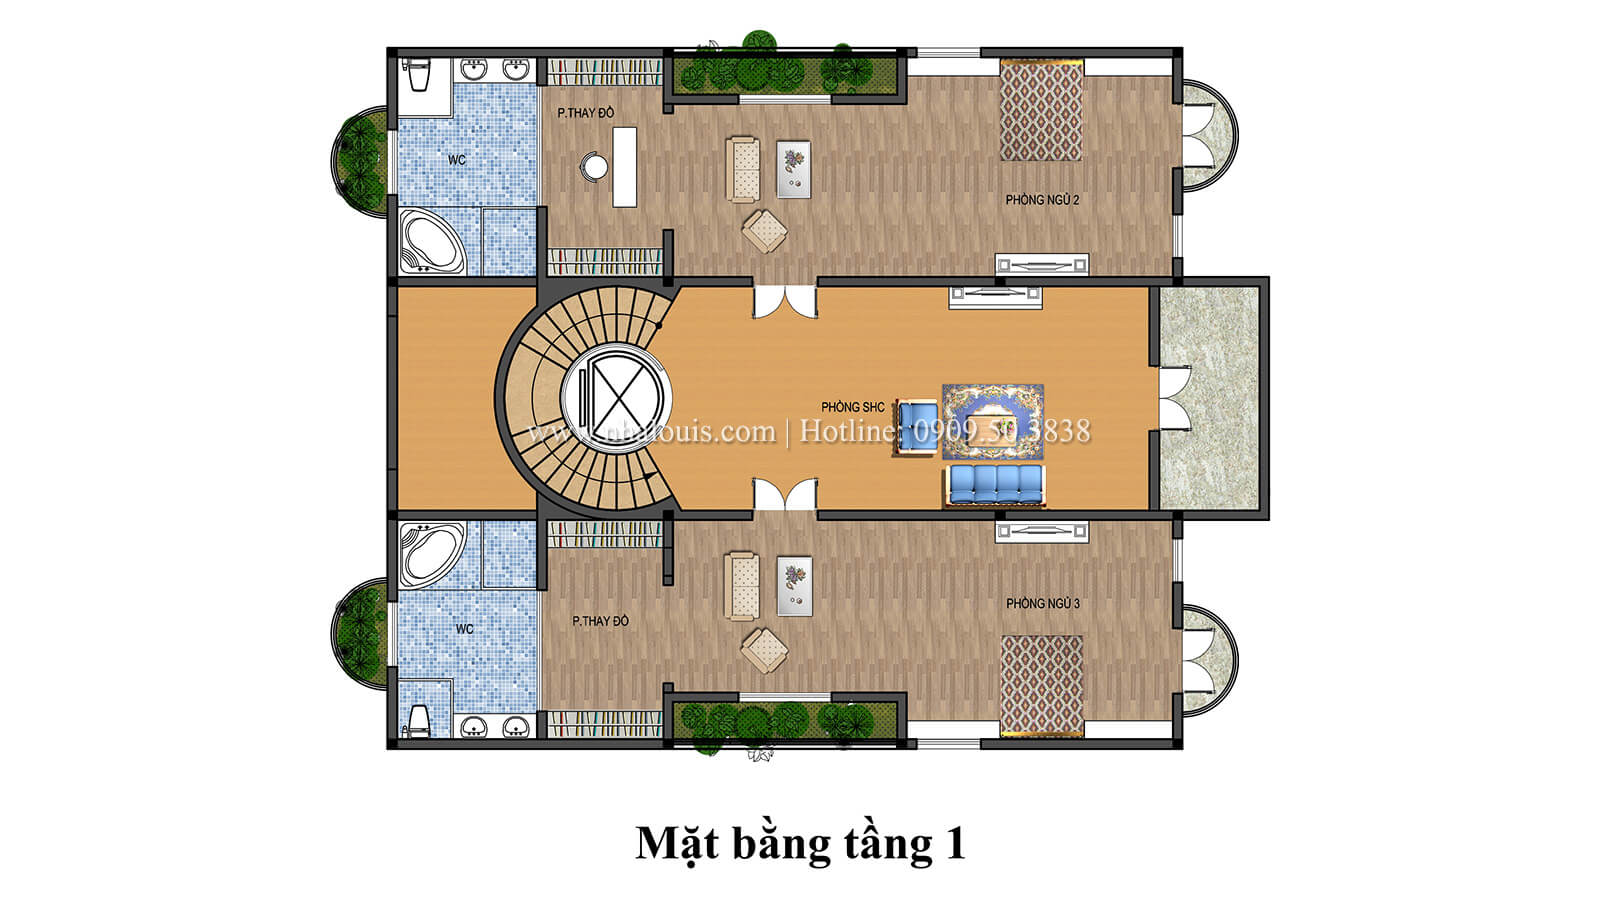 Mặt bằng tầng 1 Biệt thự lâu đài phong cách vương giả tại Khánh Hòa - 06